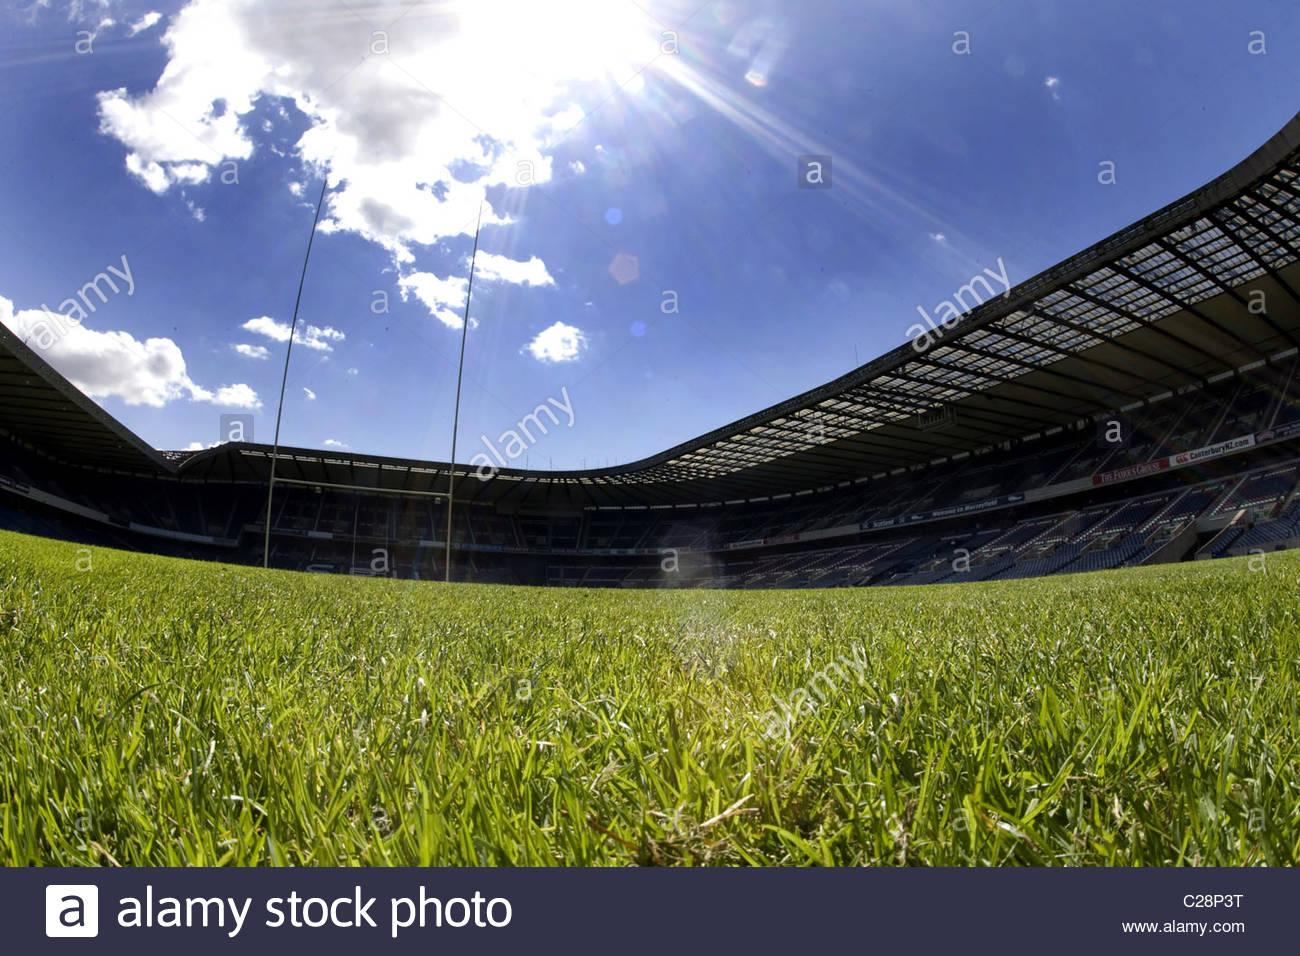 08/08/07 MURRAYFIELD - EDINBURGH GV di Murrayfield Stadium, casa della Scozia nazionale di rugby. Immagini Stock